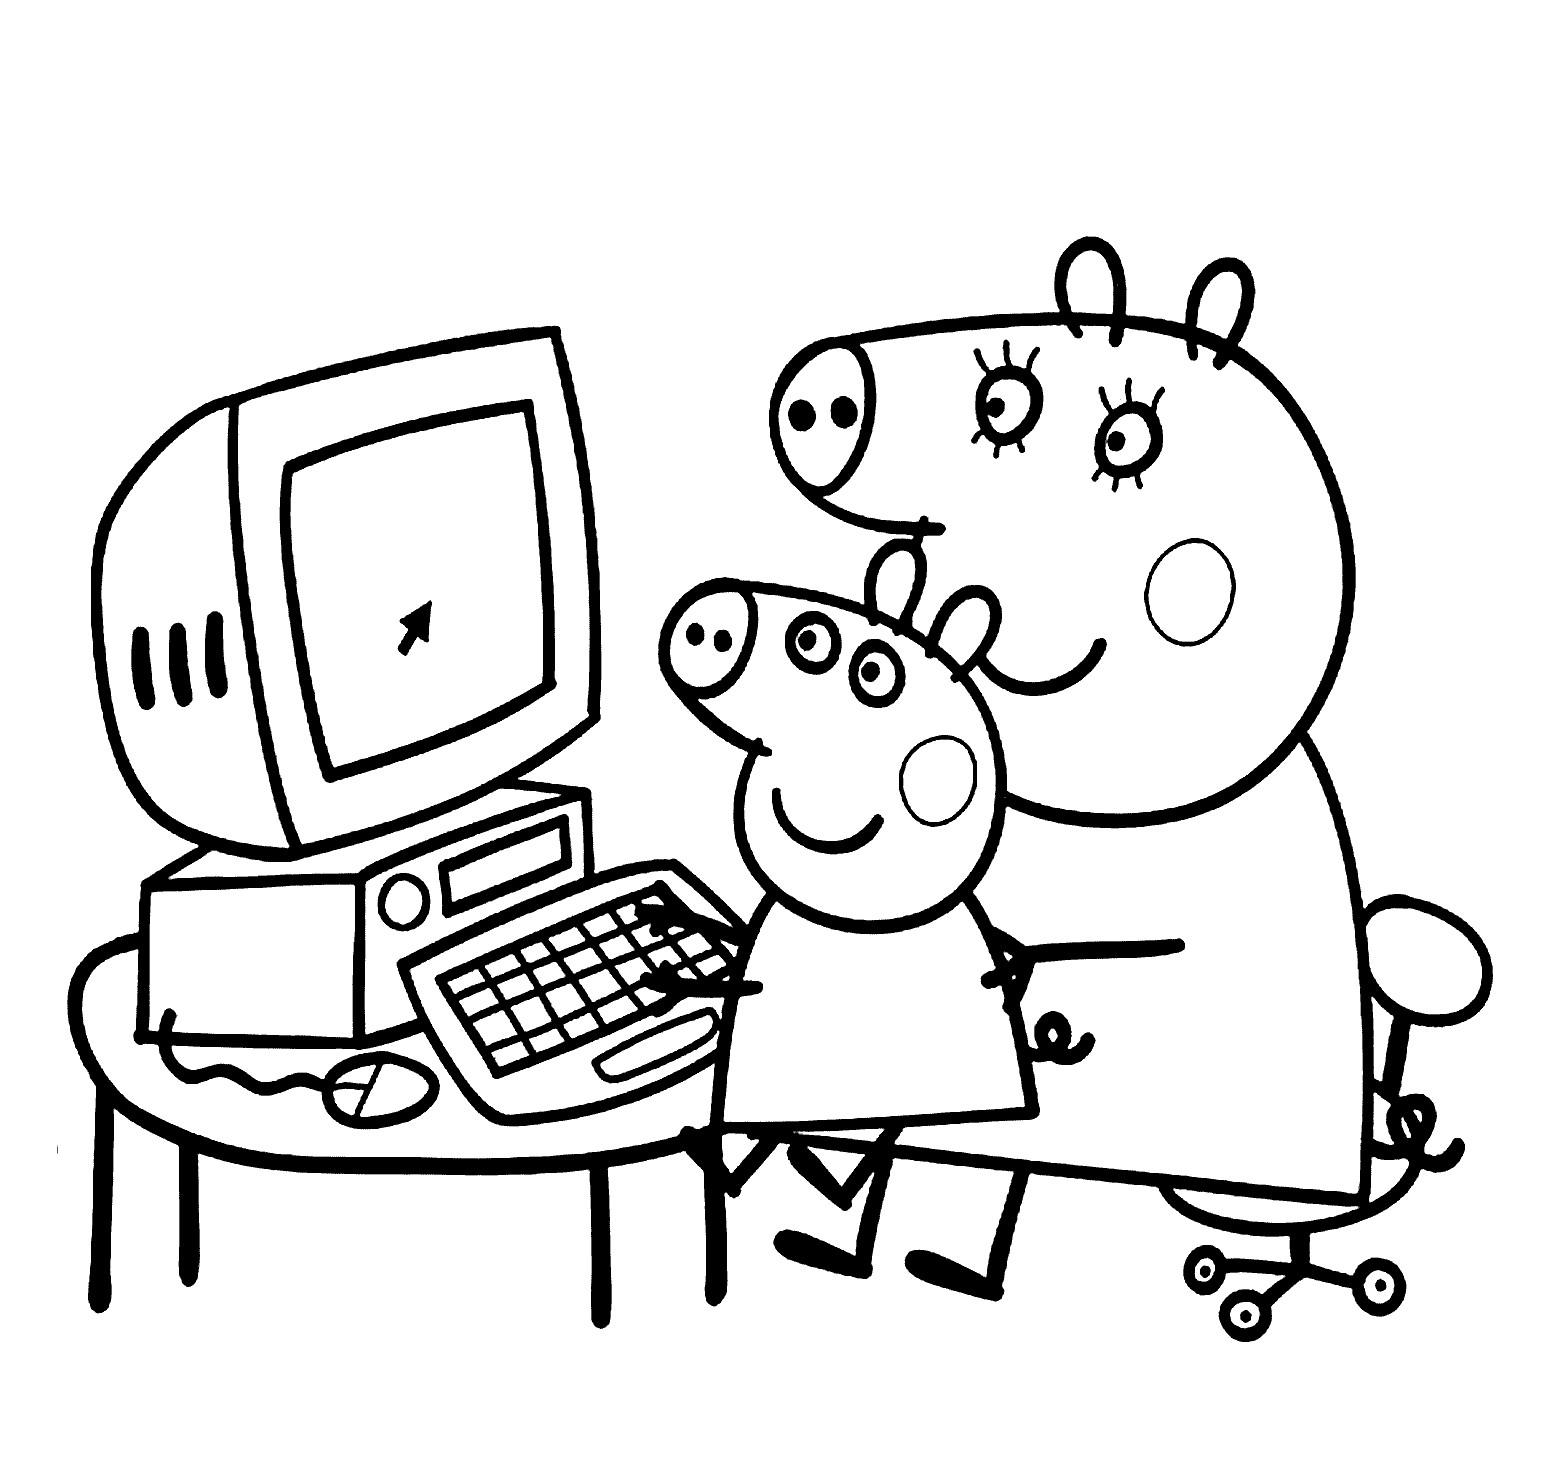 Hình ảnh tô màu heo Peppa dạy con chơi máy tính